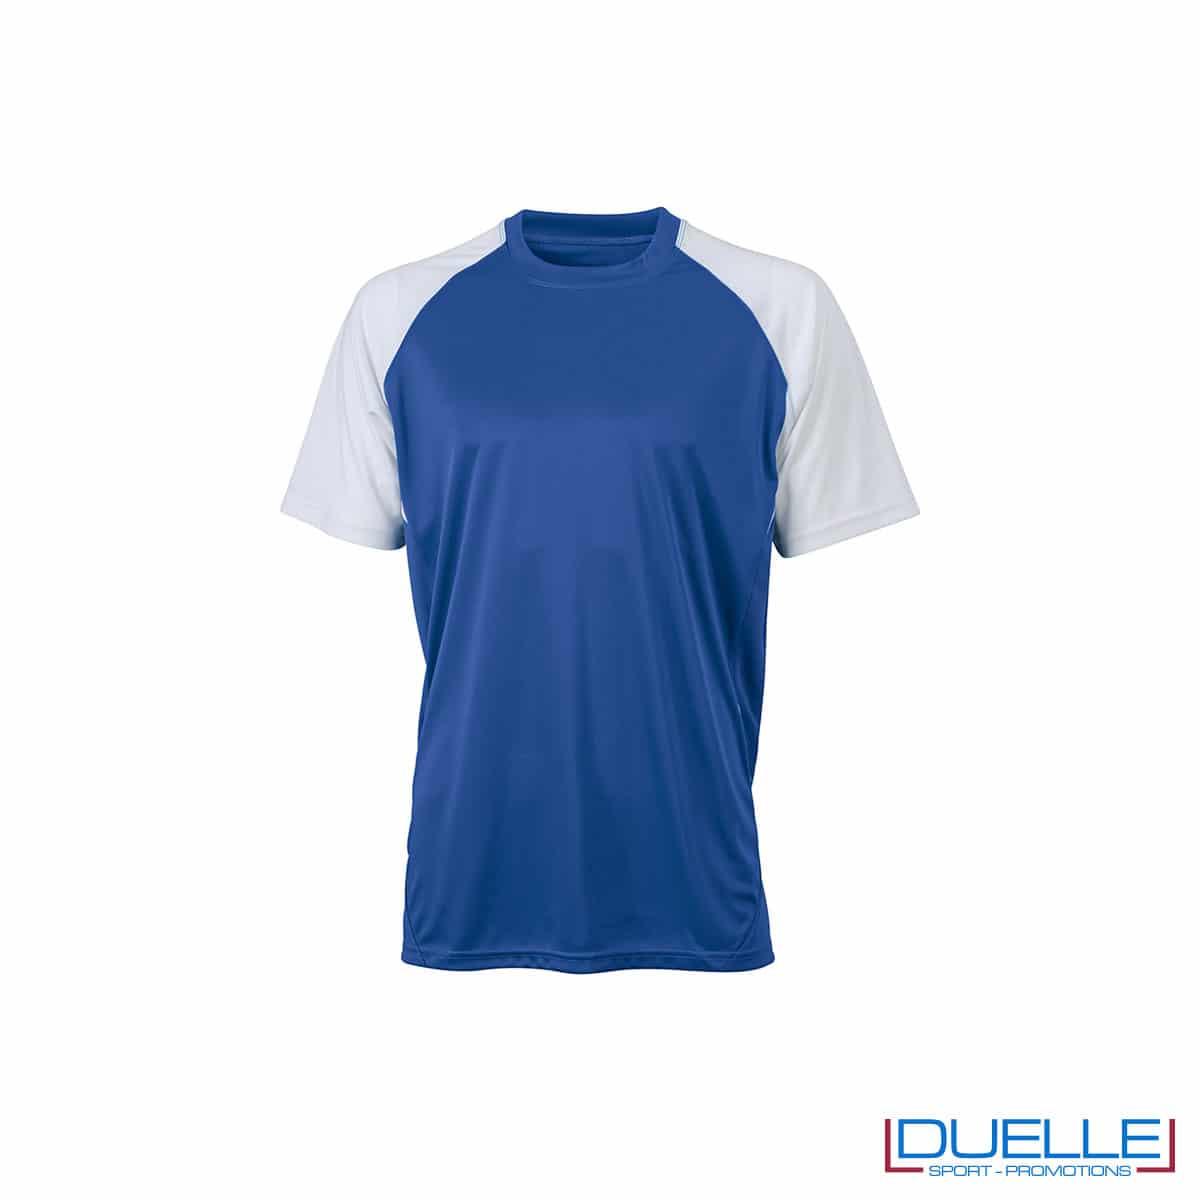 Maglietta calcio personalizzabile colore blu navy-bianco